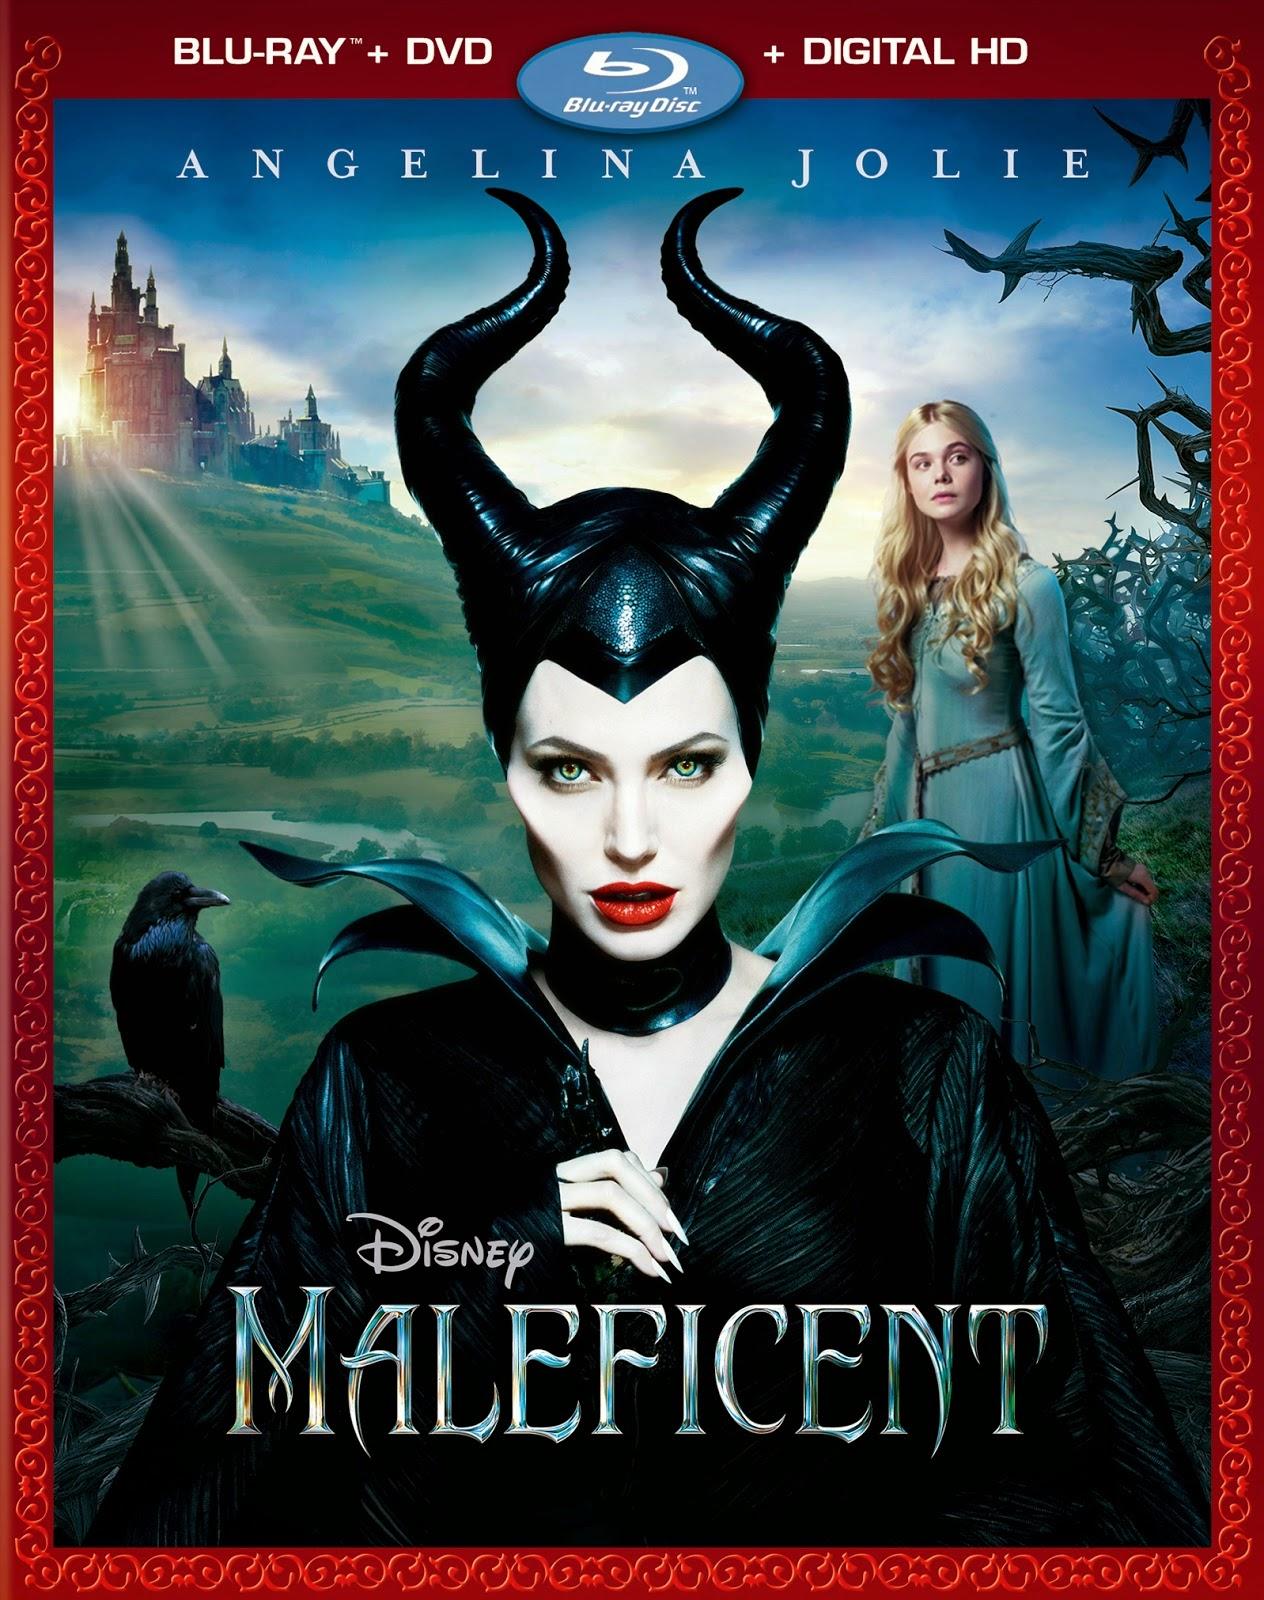 ดู Maleficent  มาเลฟิเซนต์ กำเนิดนางฟ้าปีศาจ